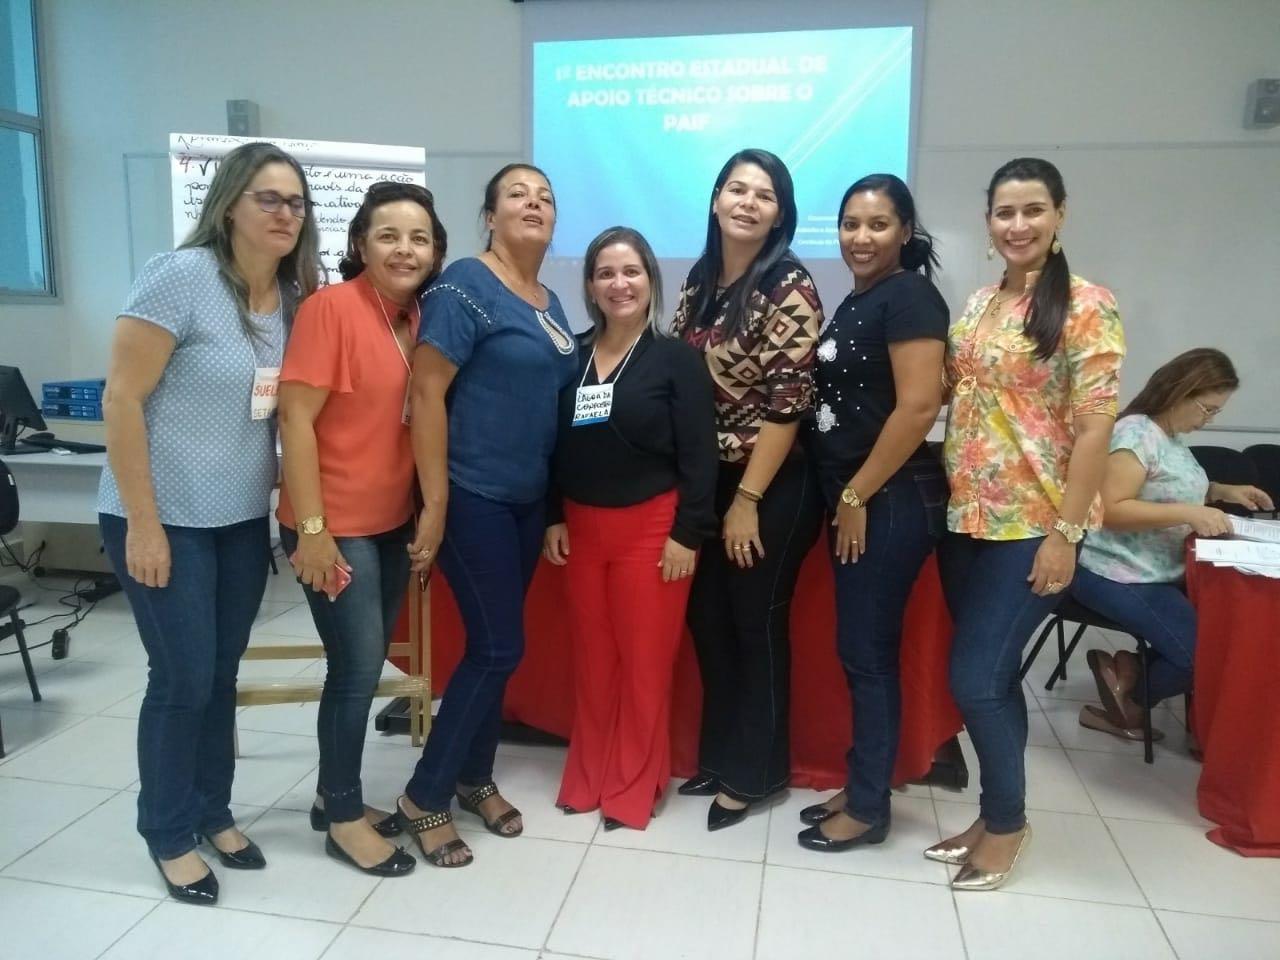 Representantes de Lagoa da Confusão participam do 1º Encontro Estadual de apoio Técnico sobre o PAIF